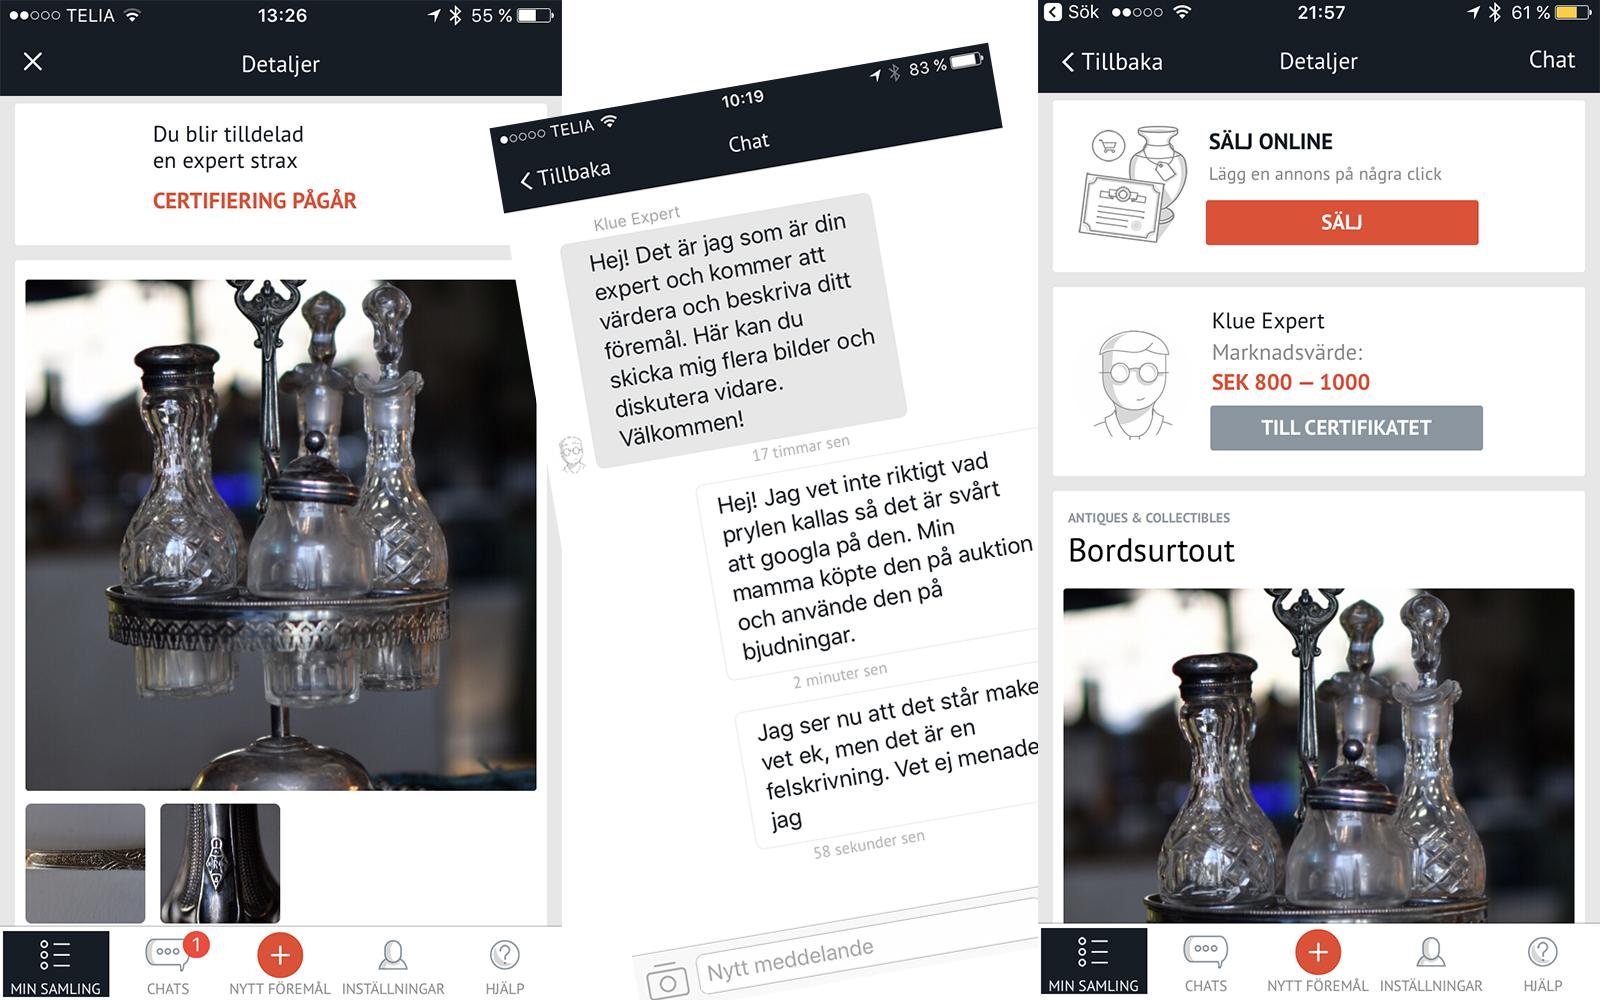 Värdera gamla prylar i en app